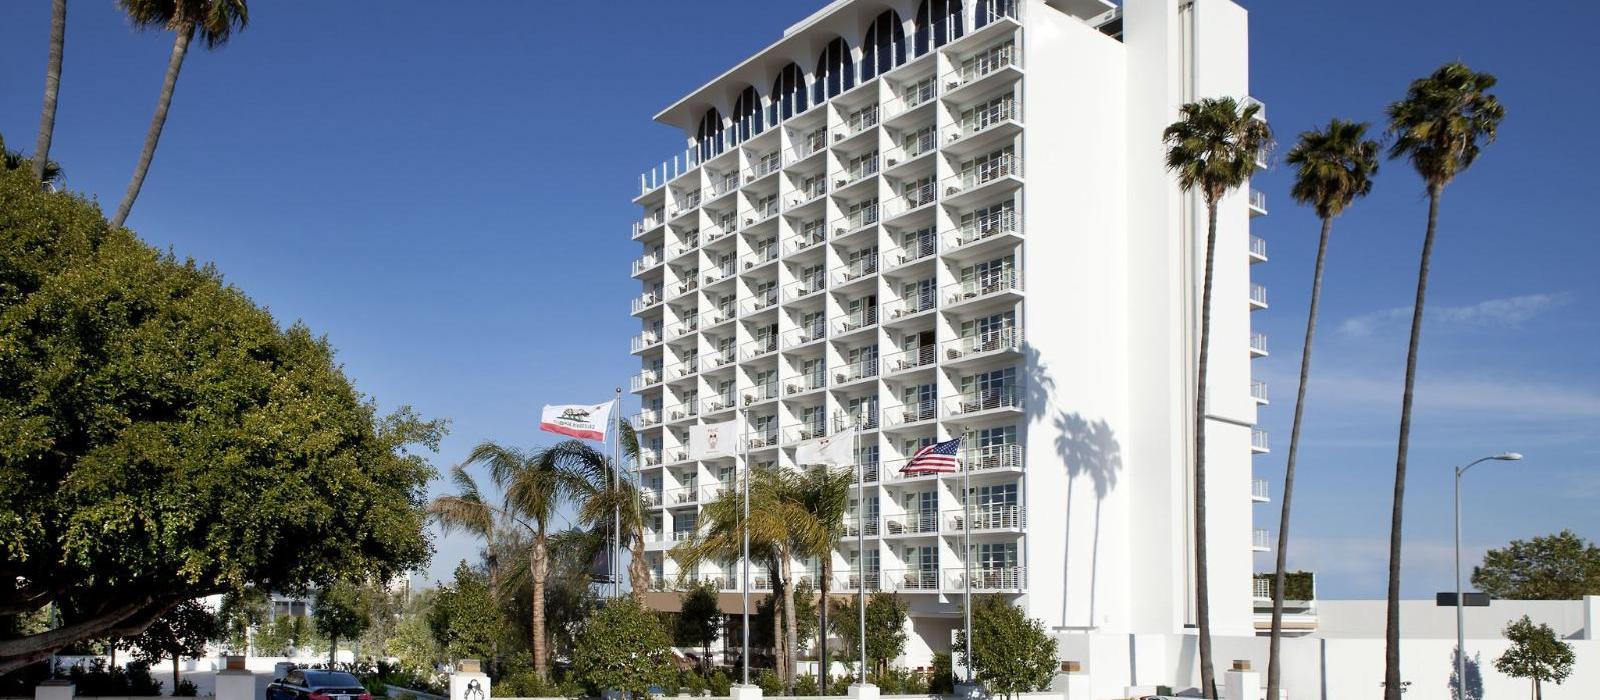 比佛利山庄C先生酒店(Mr. C Beverly Hills) 日间外景图片  www.lhw.cn